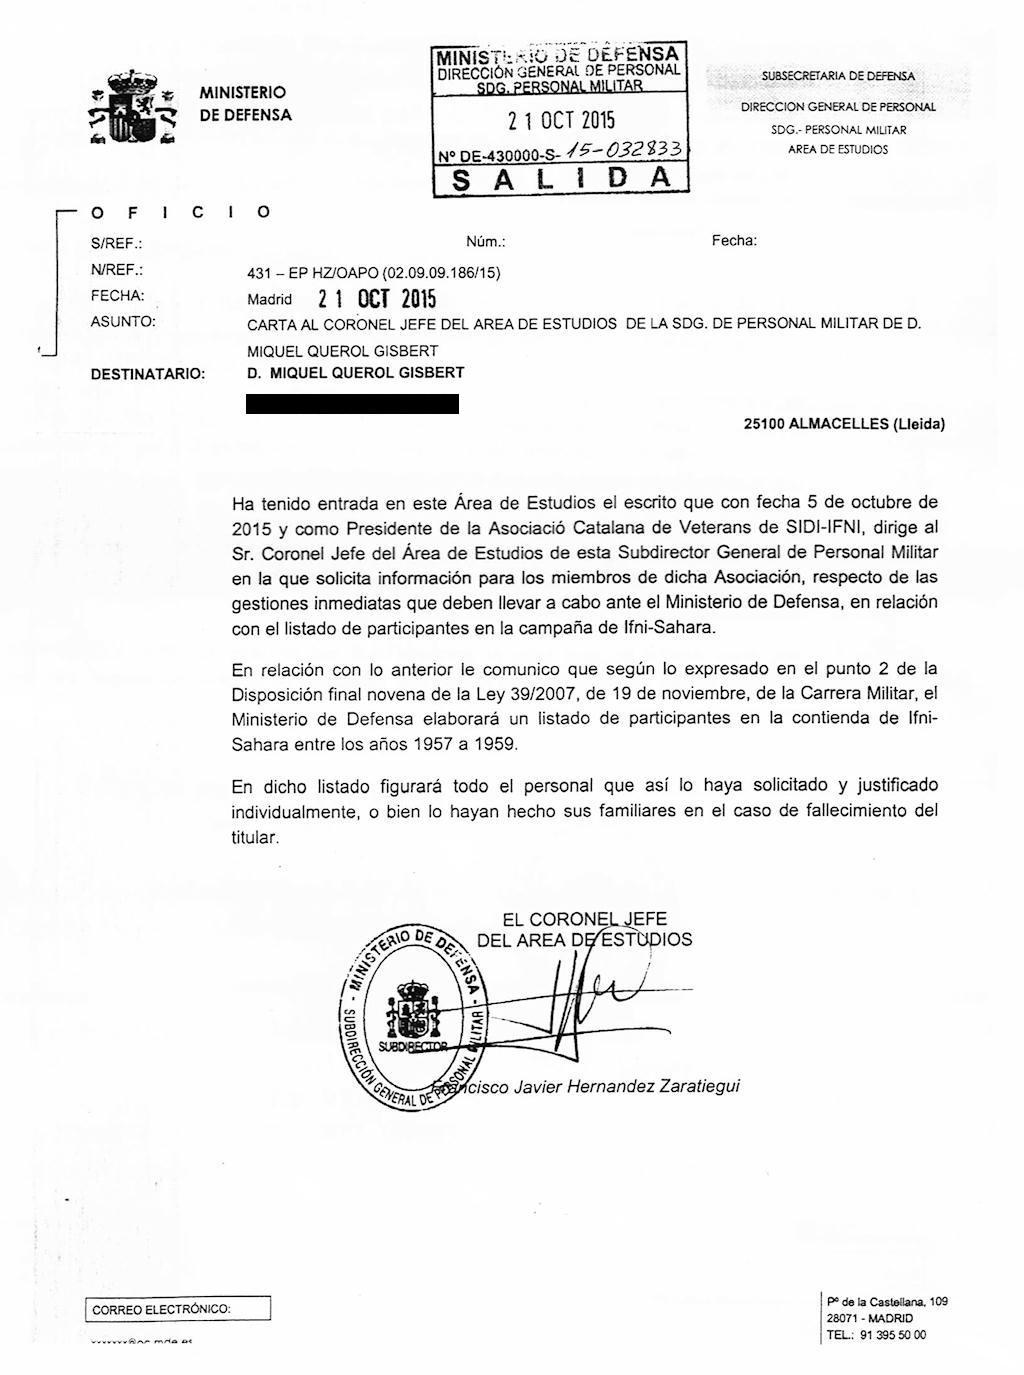 Carta de respuesta del Ministerio de Defensa.